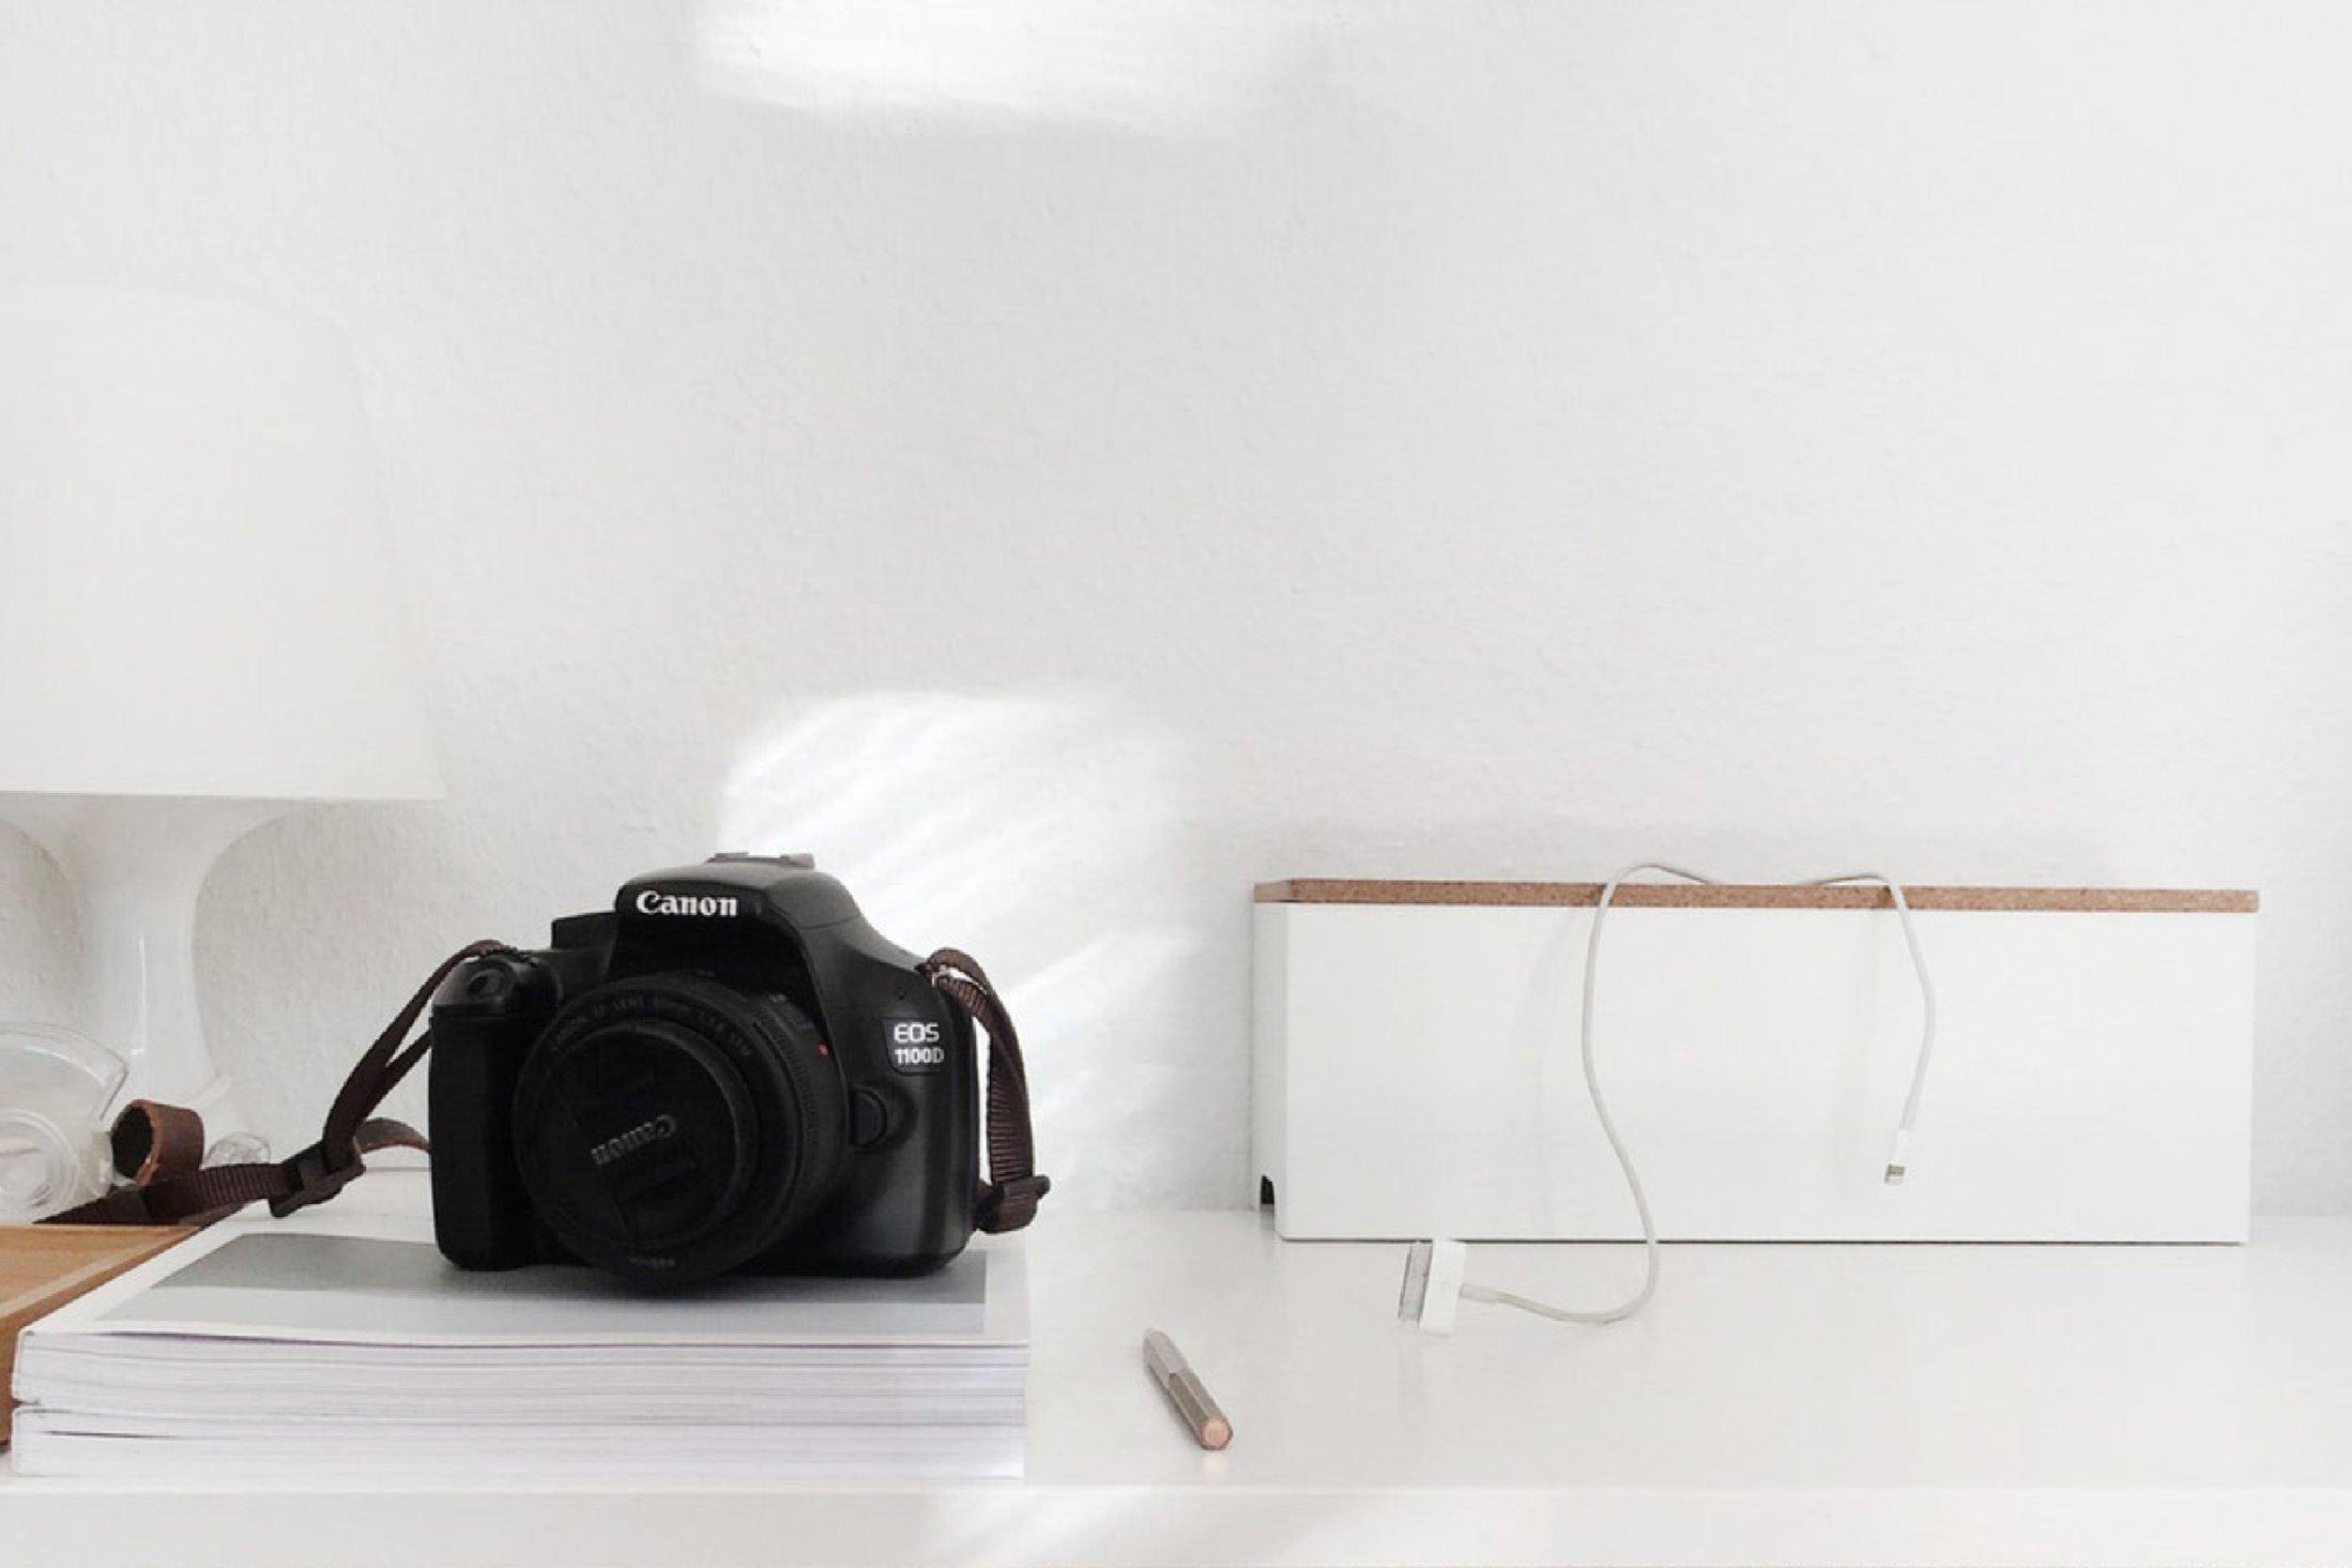 Canon-DSLR-camera-on-white-background.jpg